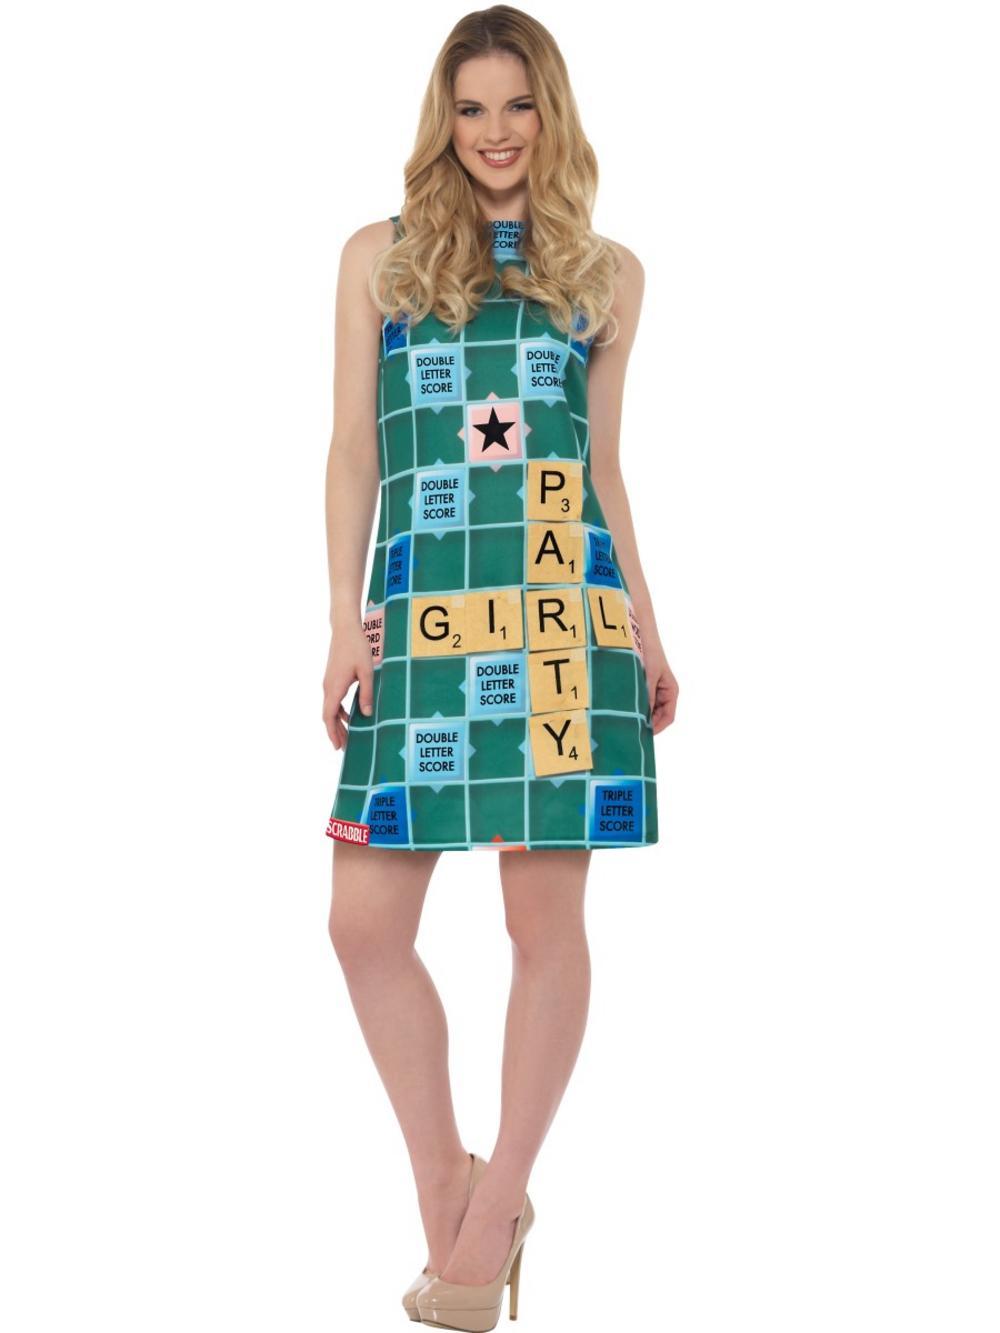 Scrabble Costume